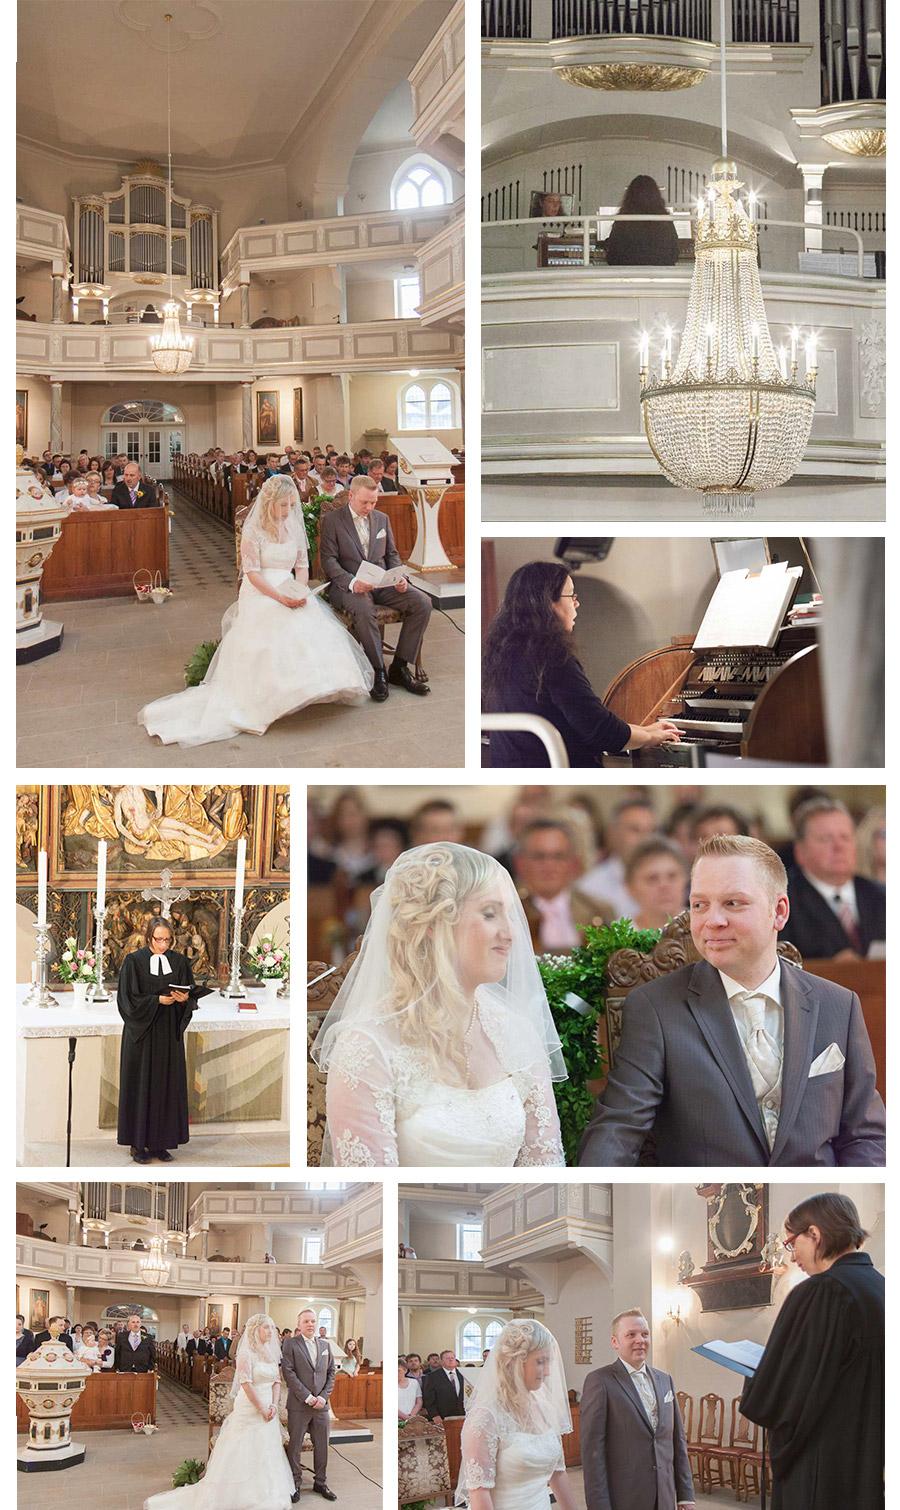 6. Hochzeit in der Lutherkirche in Plauen – Plauener Spitzenfest 2015 – Hochzeits- und Portraitfotografin Stephanie Scharschmidt